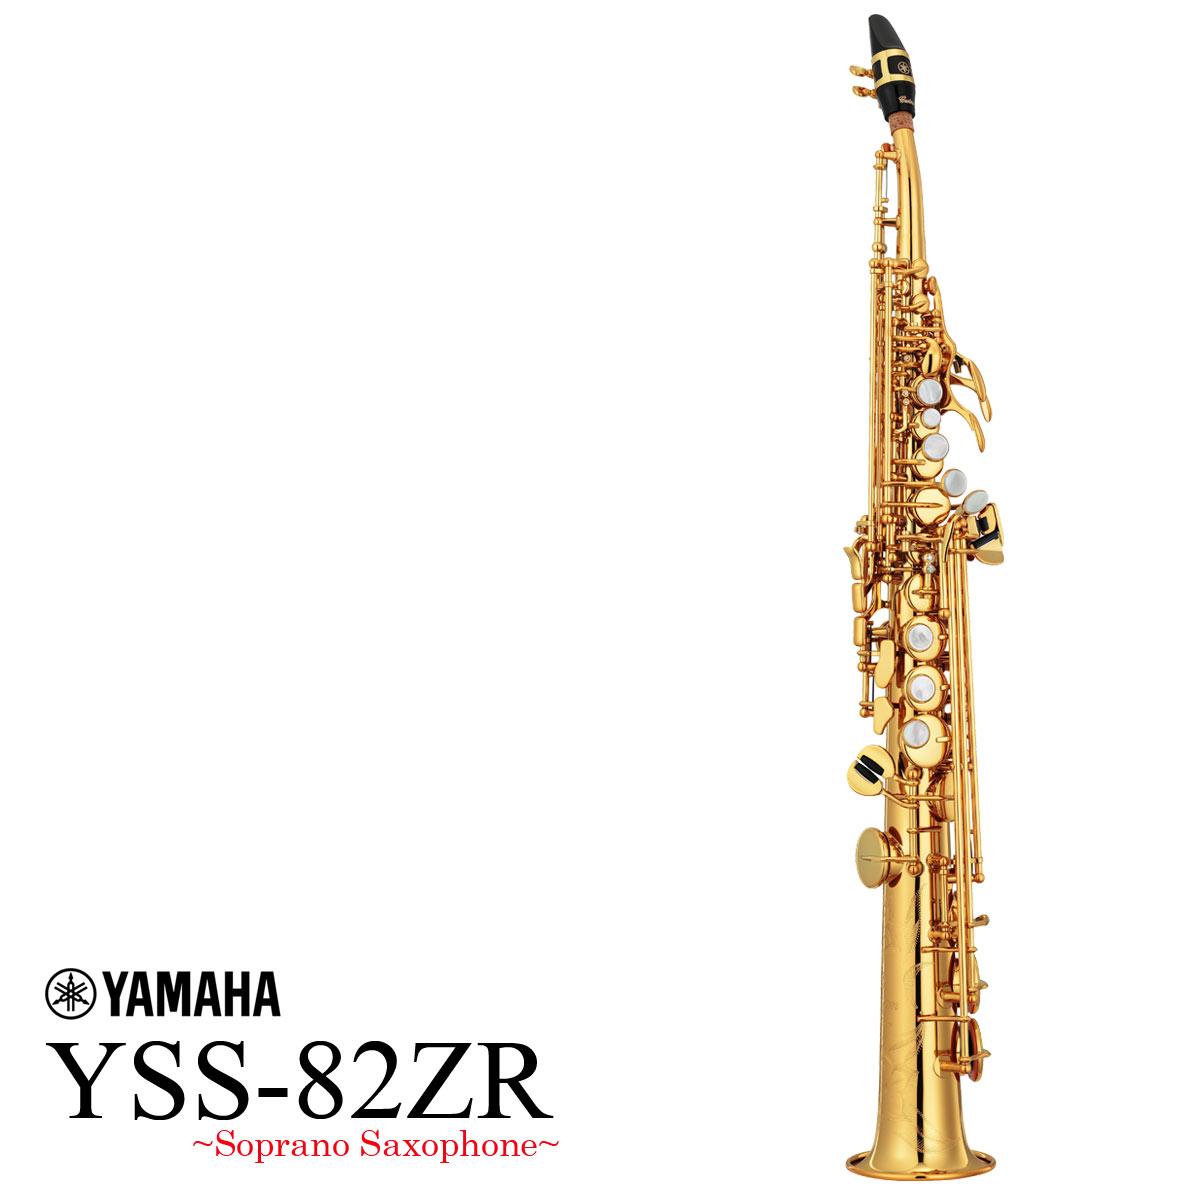 YAMAHA/ YSS-82ZR/ ヤマハ ソプラノサックス カスタムモデル YAMAHA カーブドネック 日本製《5年保証》 YSS-82ZR【送料無料】, ランジェリーショップ Clover:dcd0f9e6 --- officewill.xsrv.jp